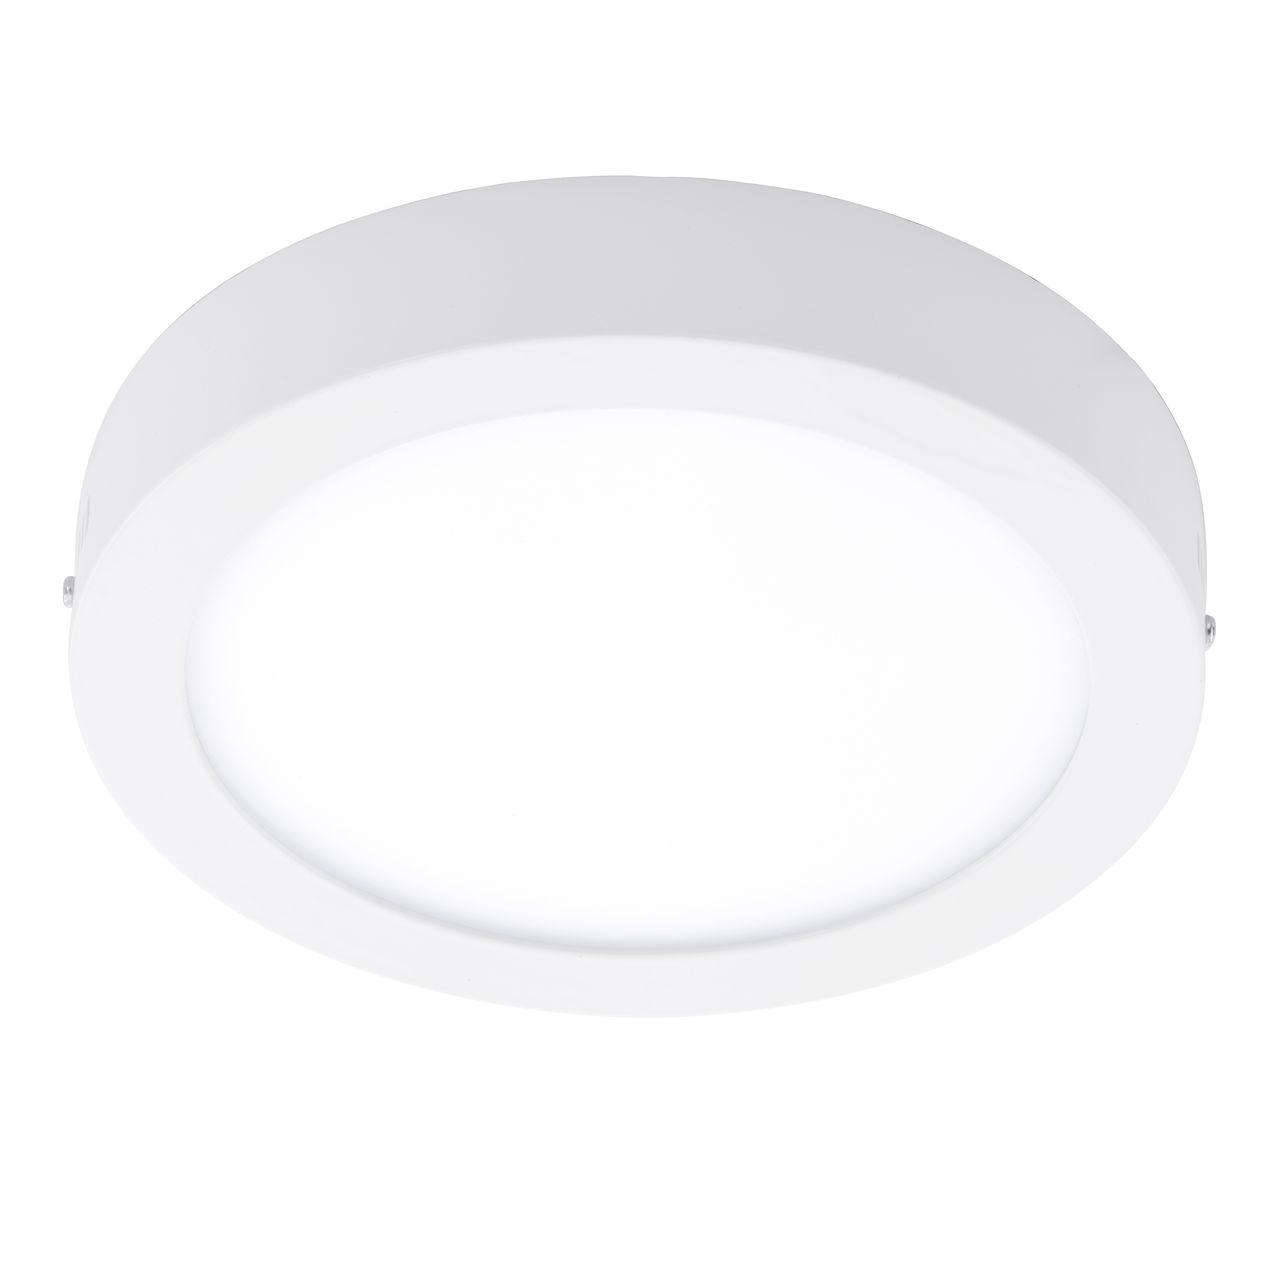 Потолочный светильник Eglo 94076, белый светильник потолочный eglo canuma 97038